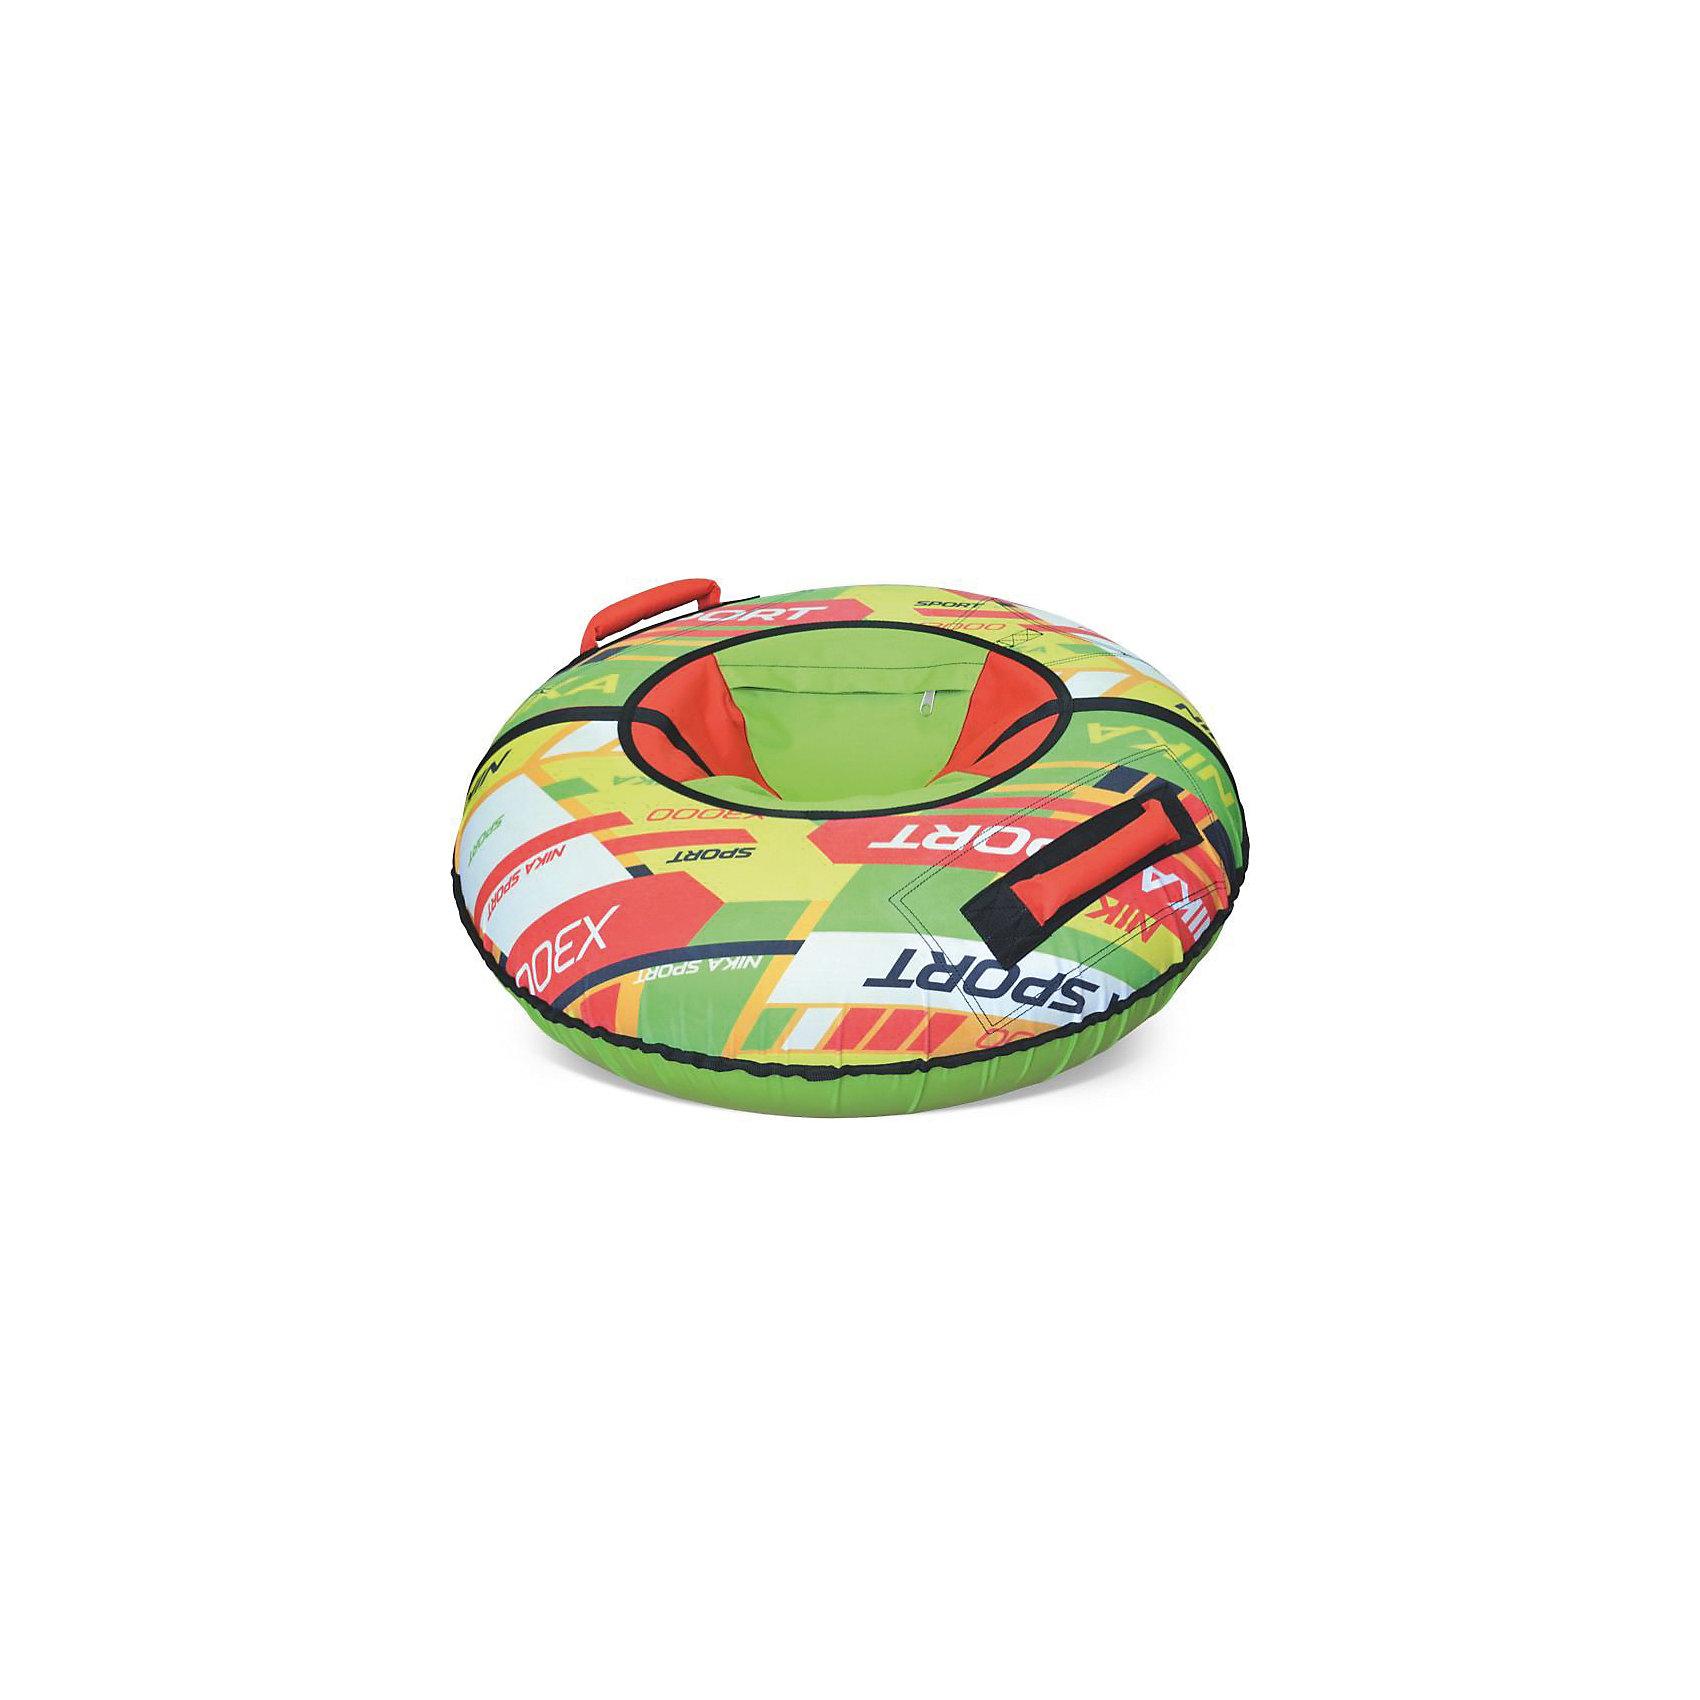 Тюбинг Nika Sport, зеленый, НикаТюбинги<br>Тюбинг Nika Sport, зеленый, Ника - красочный тюбинг из принтованной ткани, который подарит вам незабываемые впечатления от зимней прогулки. Водонепроницаемая ткань из которой изготовлена верхняя часть изделия, создаст дополнительное сопротивление и не позволит выскользнуть из тюбинга. А благодаря высококачественной тентовой ПВХ ткани с глянцевой поверхностью, из которой исполнено дно этой модели достигается идеальное скольжение. Усиленная камера входит в комплекте<br> <br>• Верх ПВХ 500Д гр/кв.м с красочным рисунком<br> • Усиленное дно автотент 850 гр/кв.м<br> • Диаметр тюбинга в надутом состоянии 950мм<br> • Диаметр тюбинга в сдутом состоянии 1050мм<br> • Устойчивый к морозам материал (до -25-28 С)<br> • Все швы усилены капроновой лентой<br> • Буксировочный ремень<br> • Эргономичные усиленные ручки<br> • Защитный внутренний клапан с потайной молнией<br> • Усиленная камера в комплекте<br> • Максимальная нагрузка 100 кг<br> • Рекомендуемый возраст от 12 лет<br> • В упаковке-1шт. <br><br>Тюбинг Nika Sport, зеленый, Ника можно купить в нашем интернет-магазине.<br><br>Ширина мм: 300<br>Глубина мм: 300<br>Высота мм: 30<br>Вес г: 2000<br>Возраст от месяцев: 36<br>Возраст до месяцев: 144<br>Пол: Унисекс<br>Возраст: Детский<br>SKU: 5248184